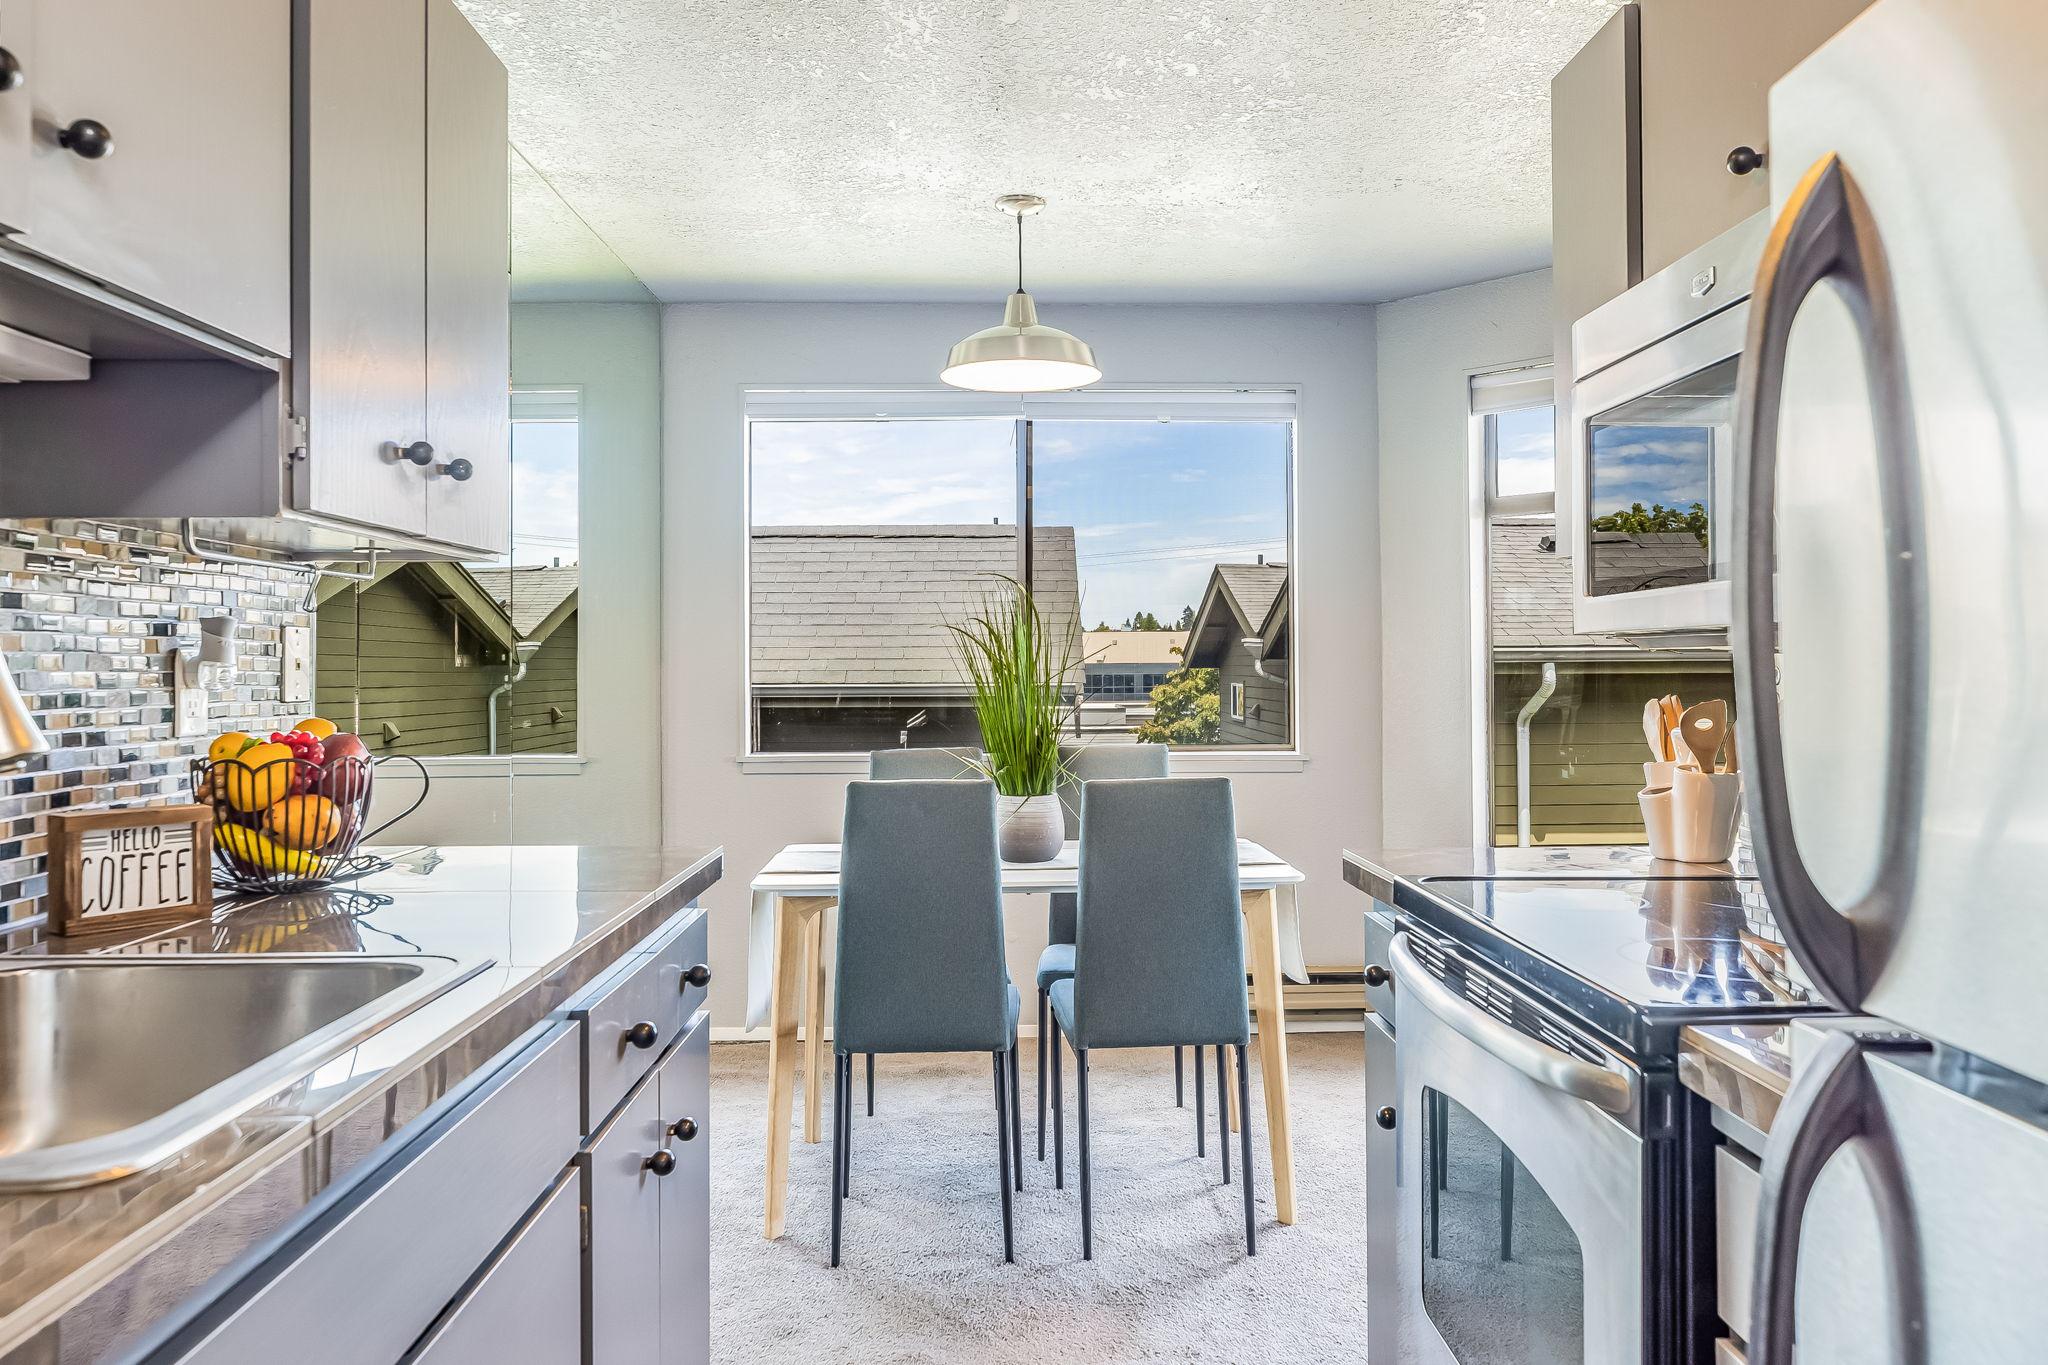 Granite Tile Countertops in Kitchen